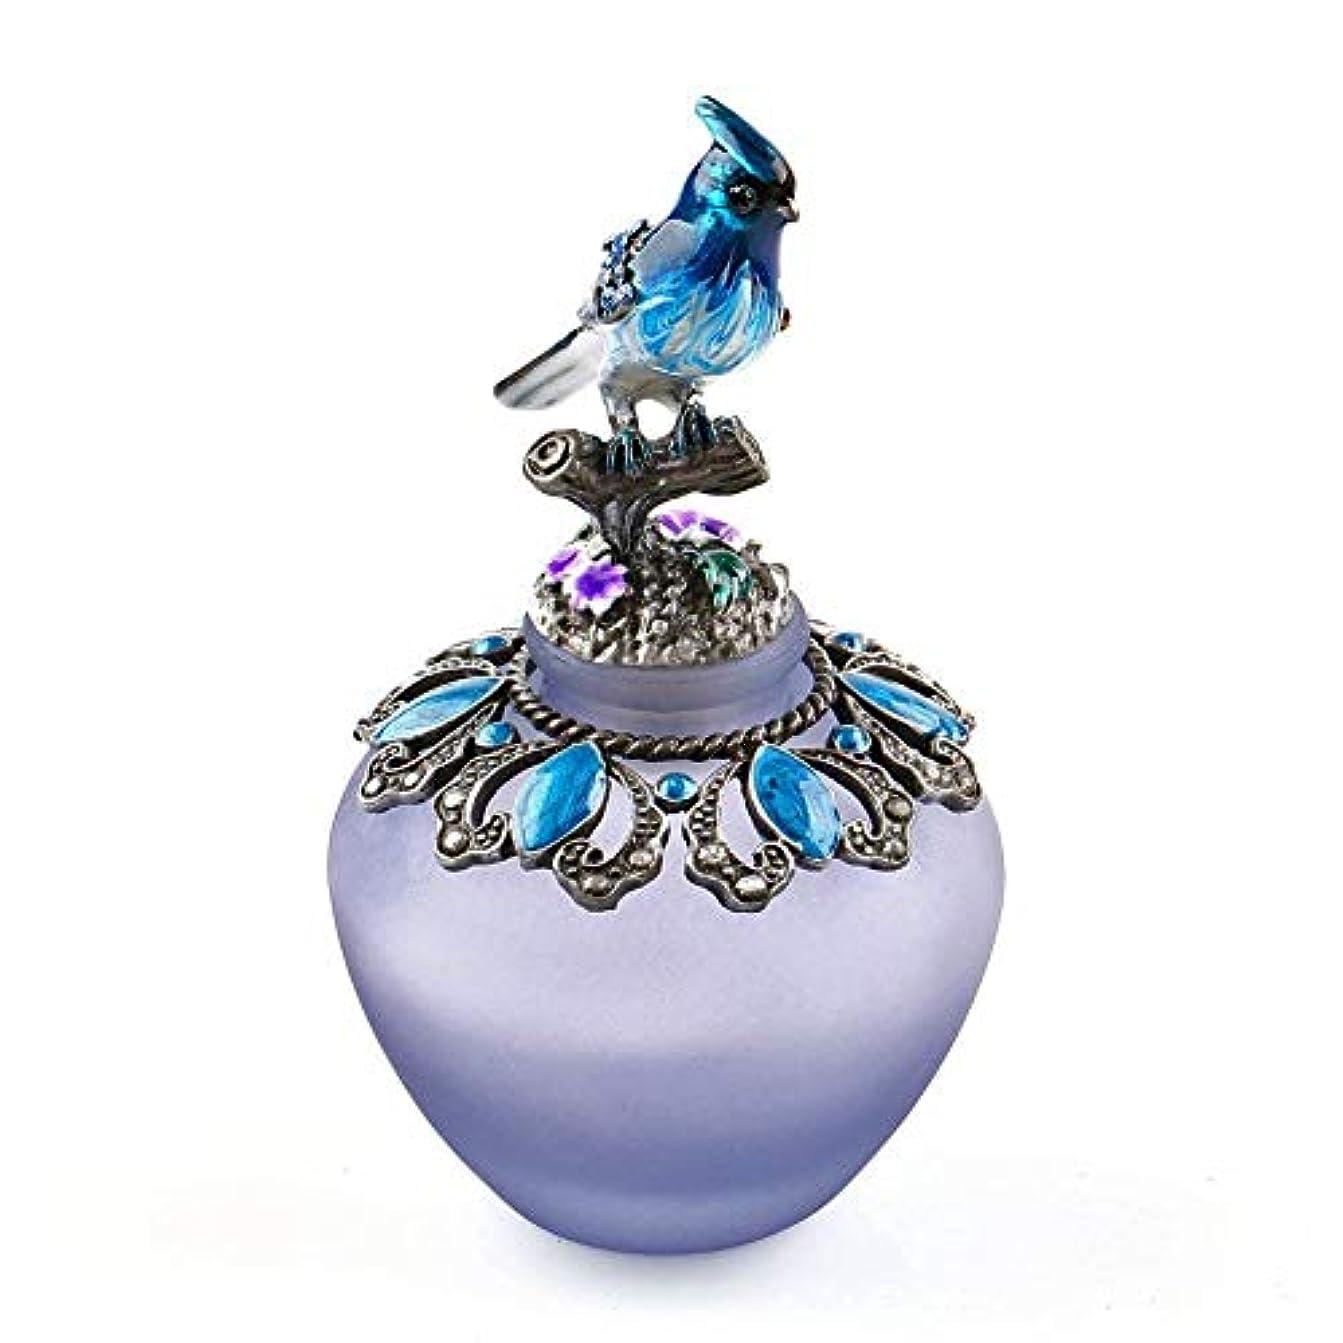 霧水曜日ビヨンEasyRaku 高品質 美しい香水瓶 鳥40ML ガラスアロマボトル 綺麗アンティーク調欧風デザイン クリスマスプレゼント 結婚式 飾り